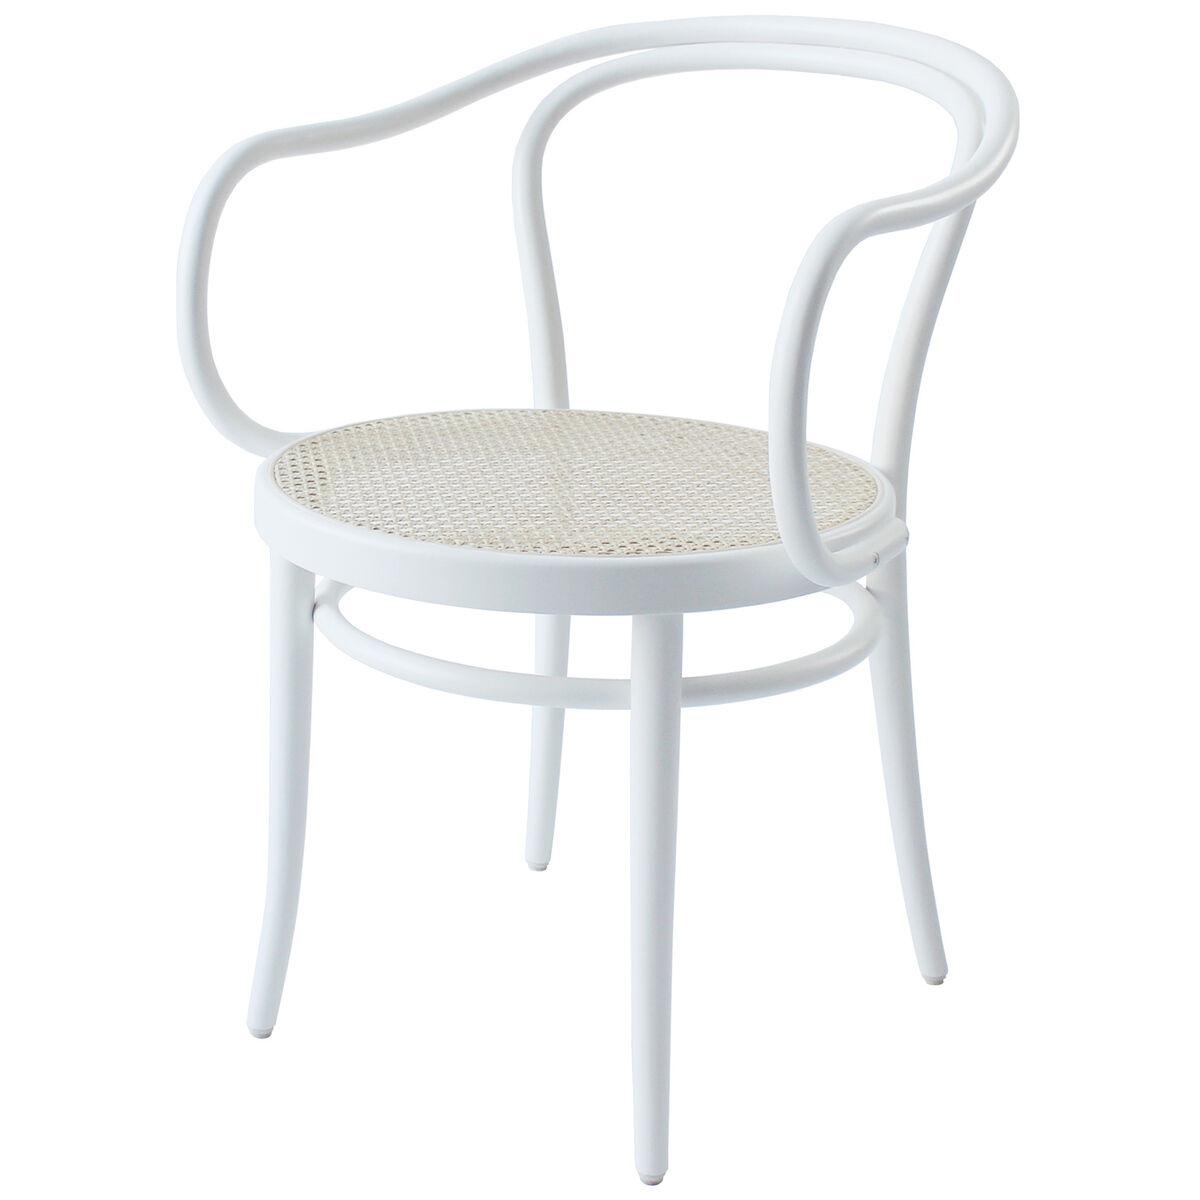 TON Armchair 30 tuoli, rottinki - valkoinen